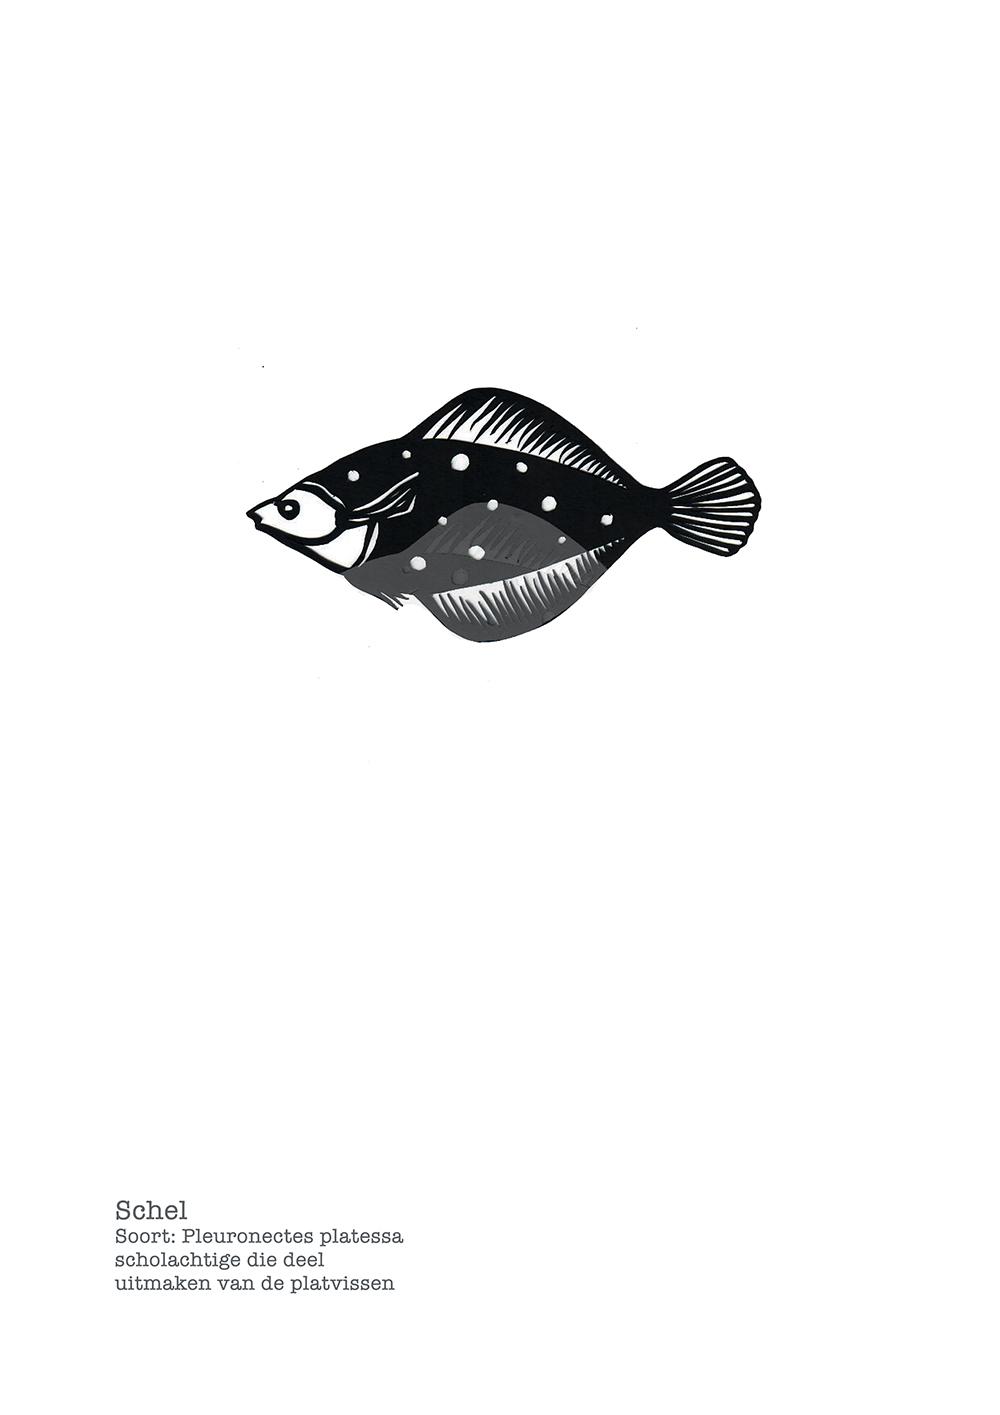 Studiocooliejoelie-karinmol-papiersnijkunst-schel-vis